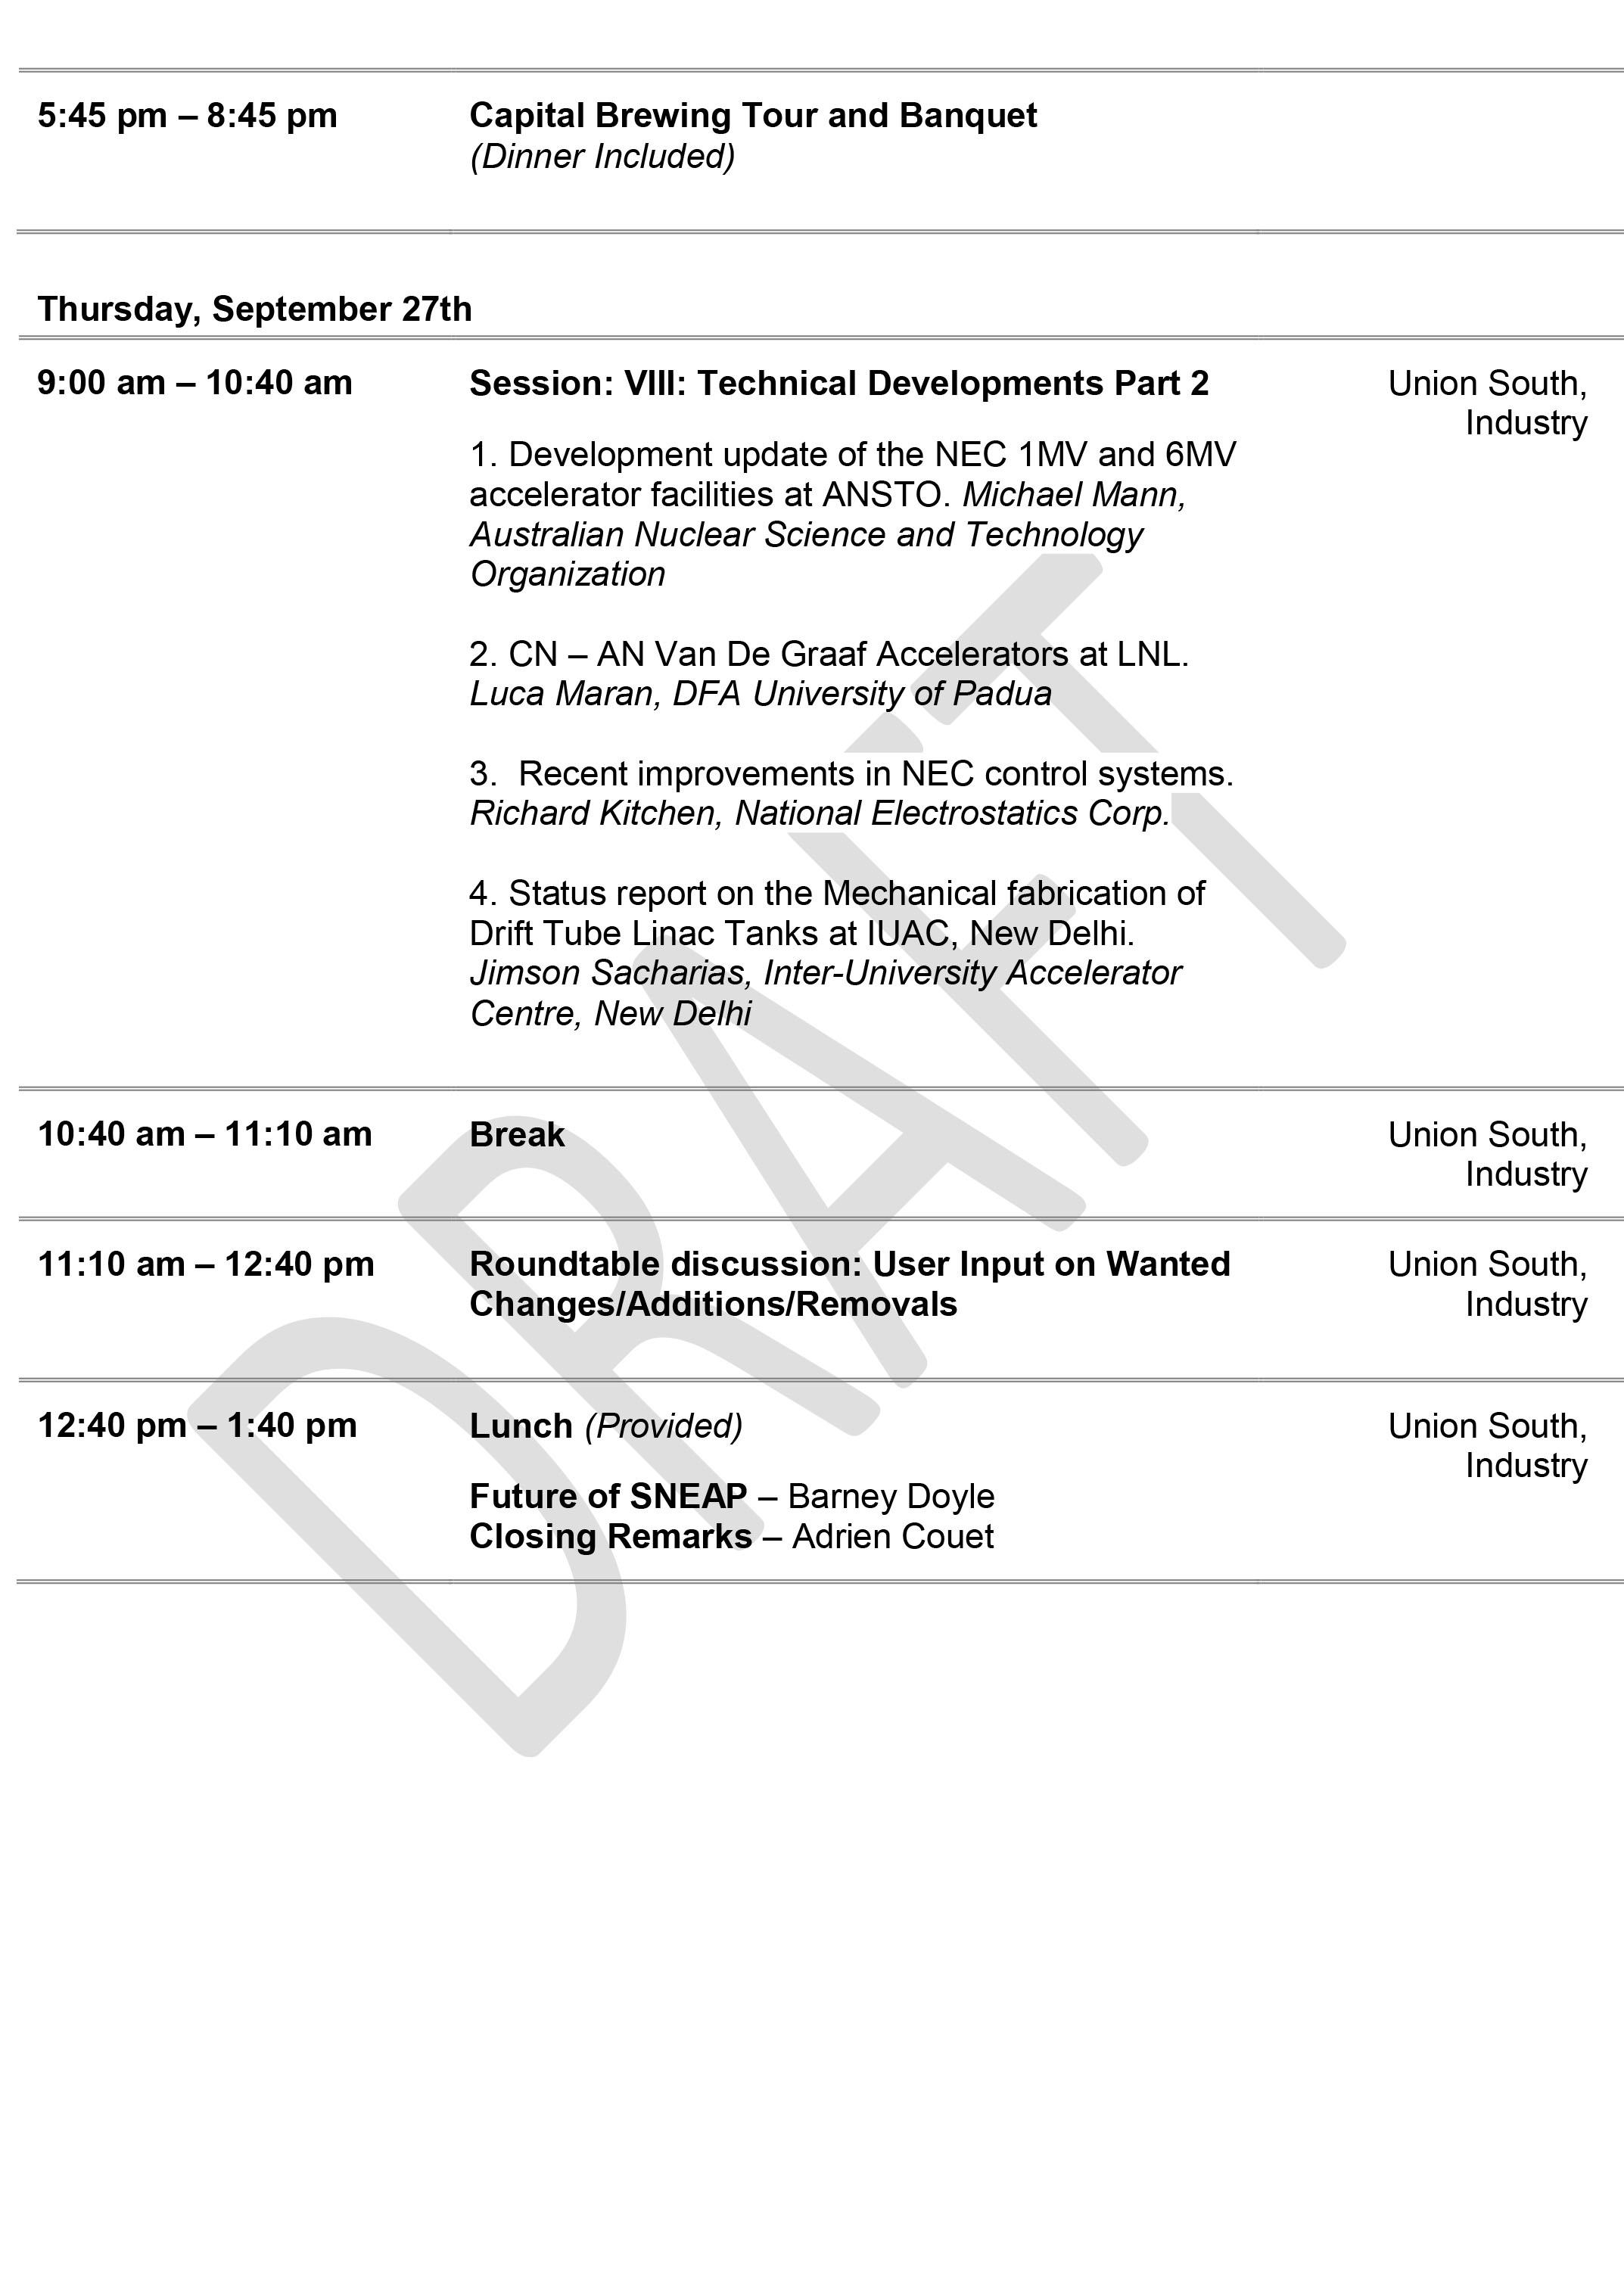 Agenda pg 4